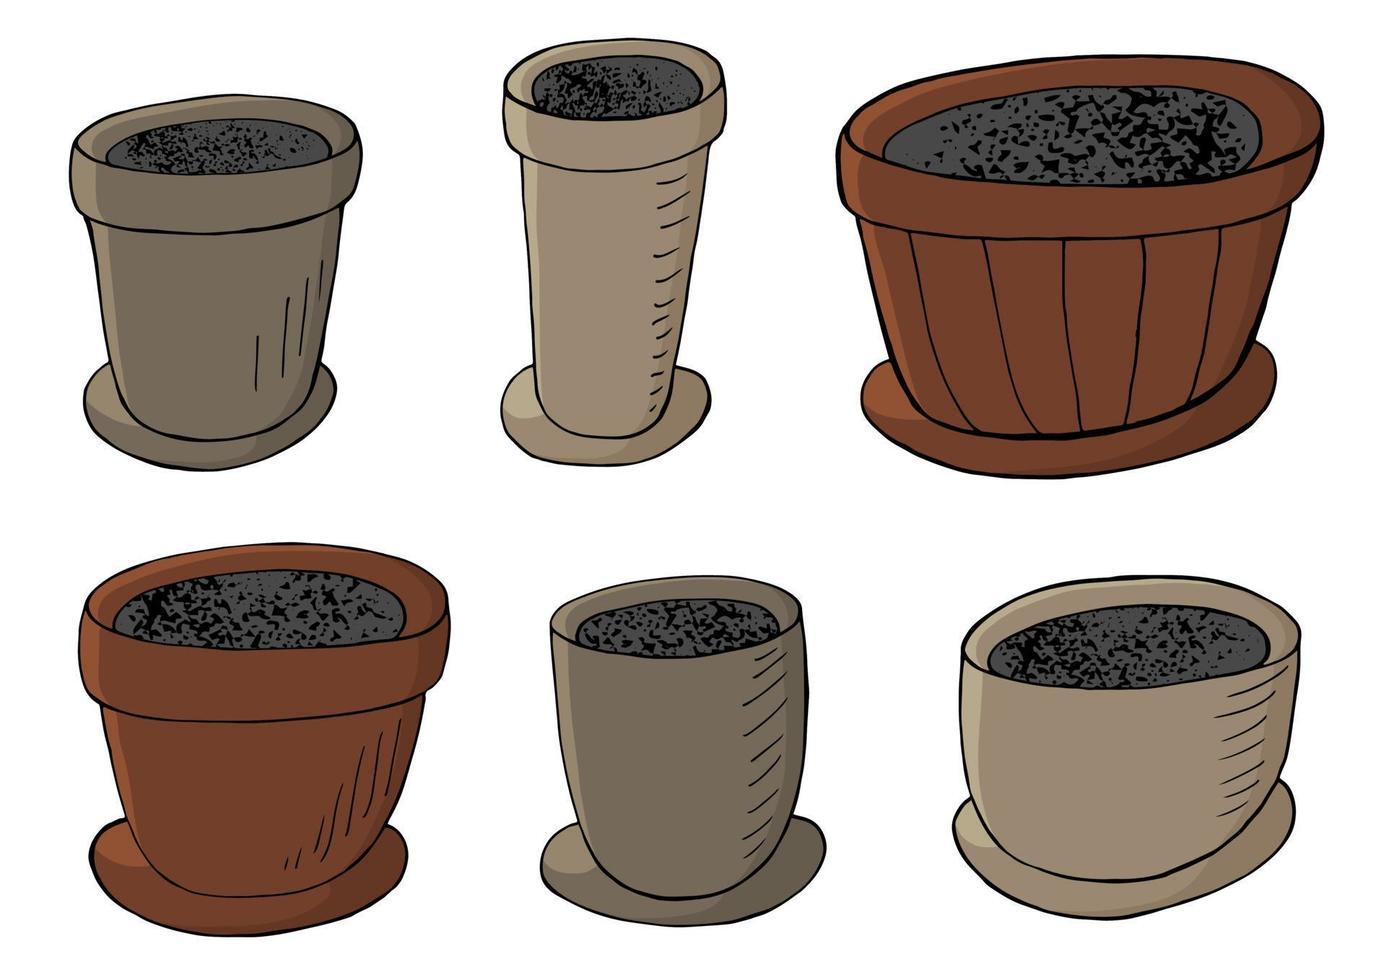 ilustração vetorial bonita. conjunto de vasos de flores de desenho animado vetor